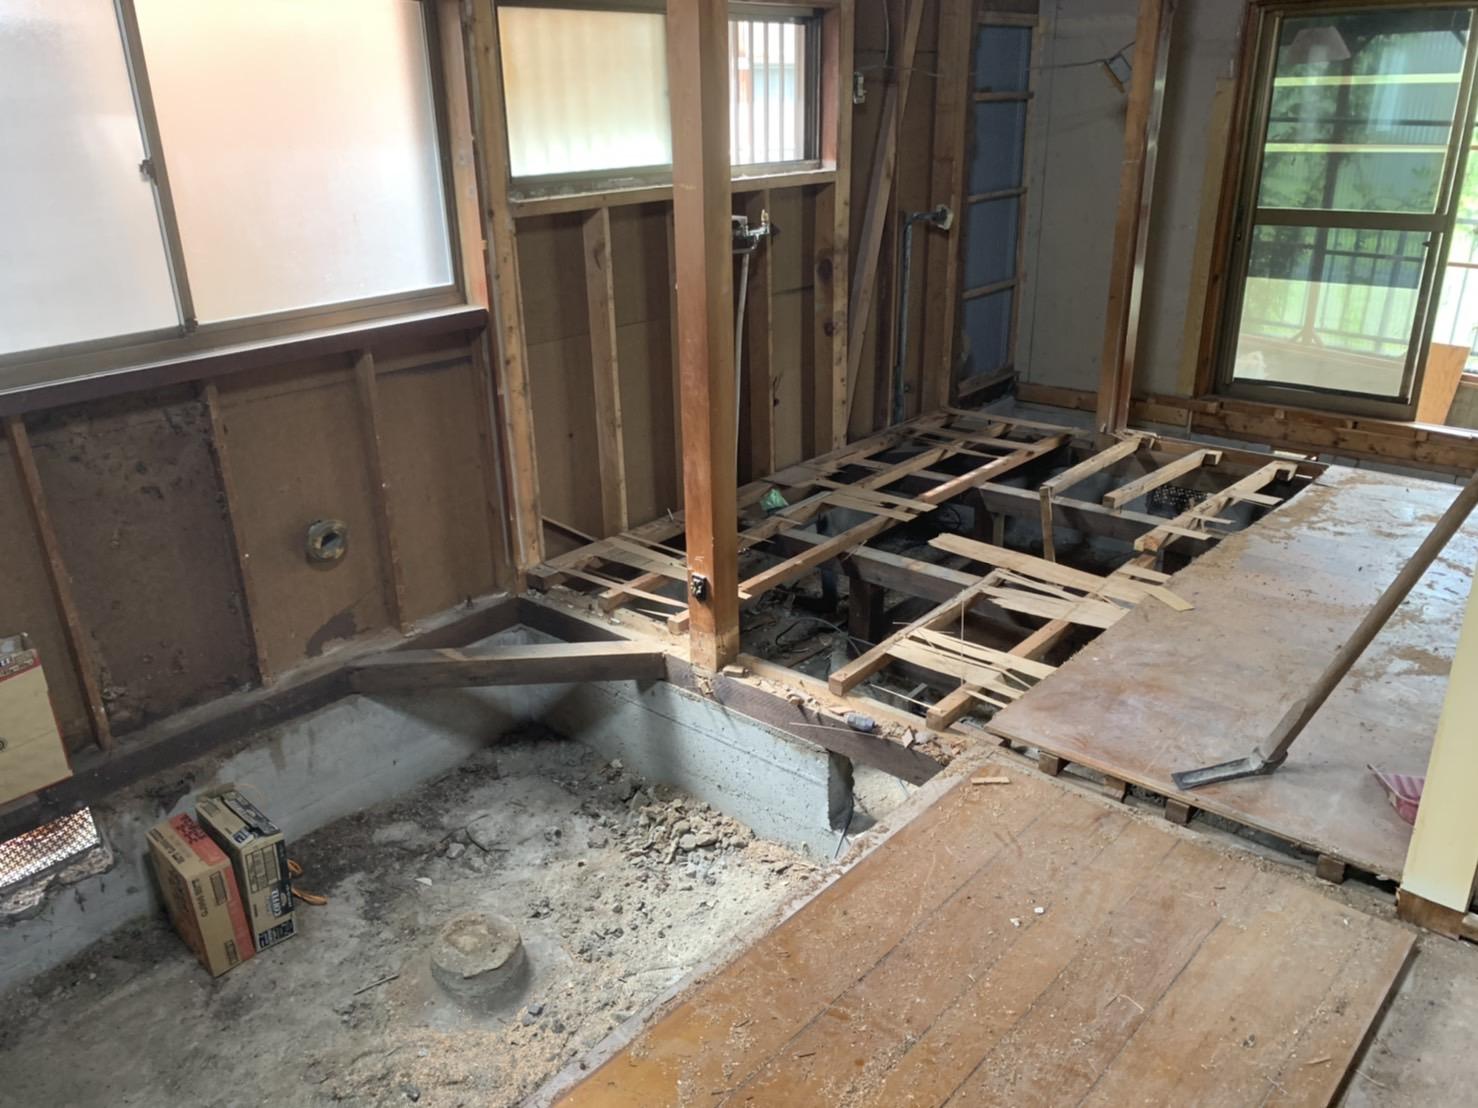 京都市 解体工事 「 滋賀県大津市  木造2階建家屋内部解体工事 」 DAY3 完了